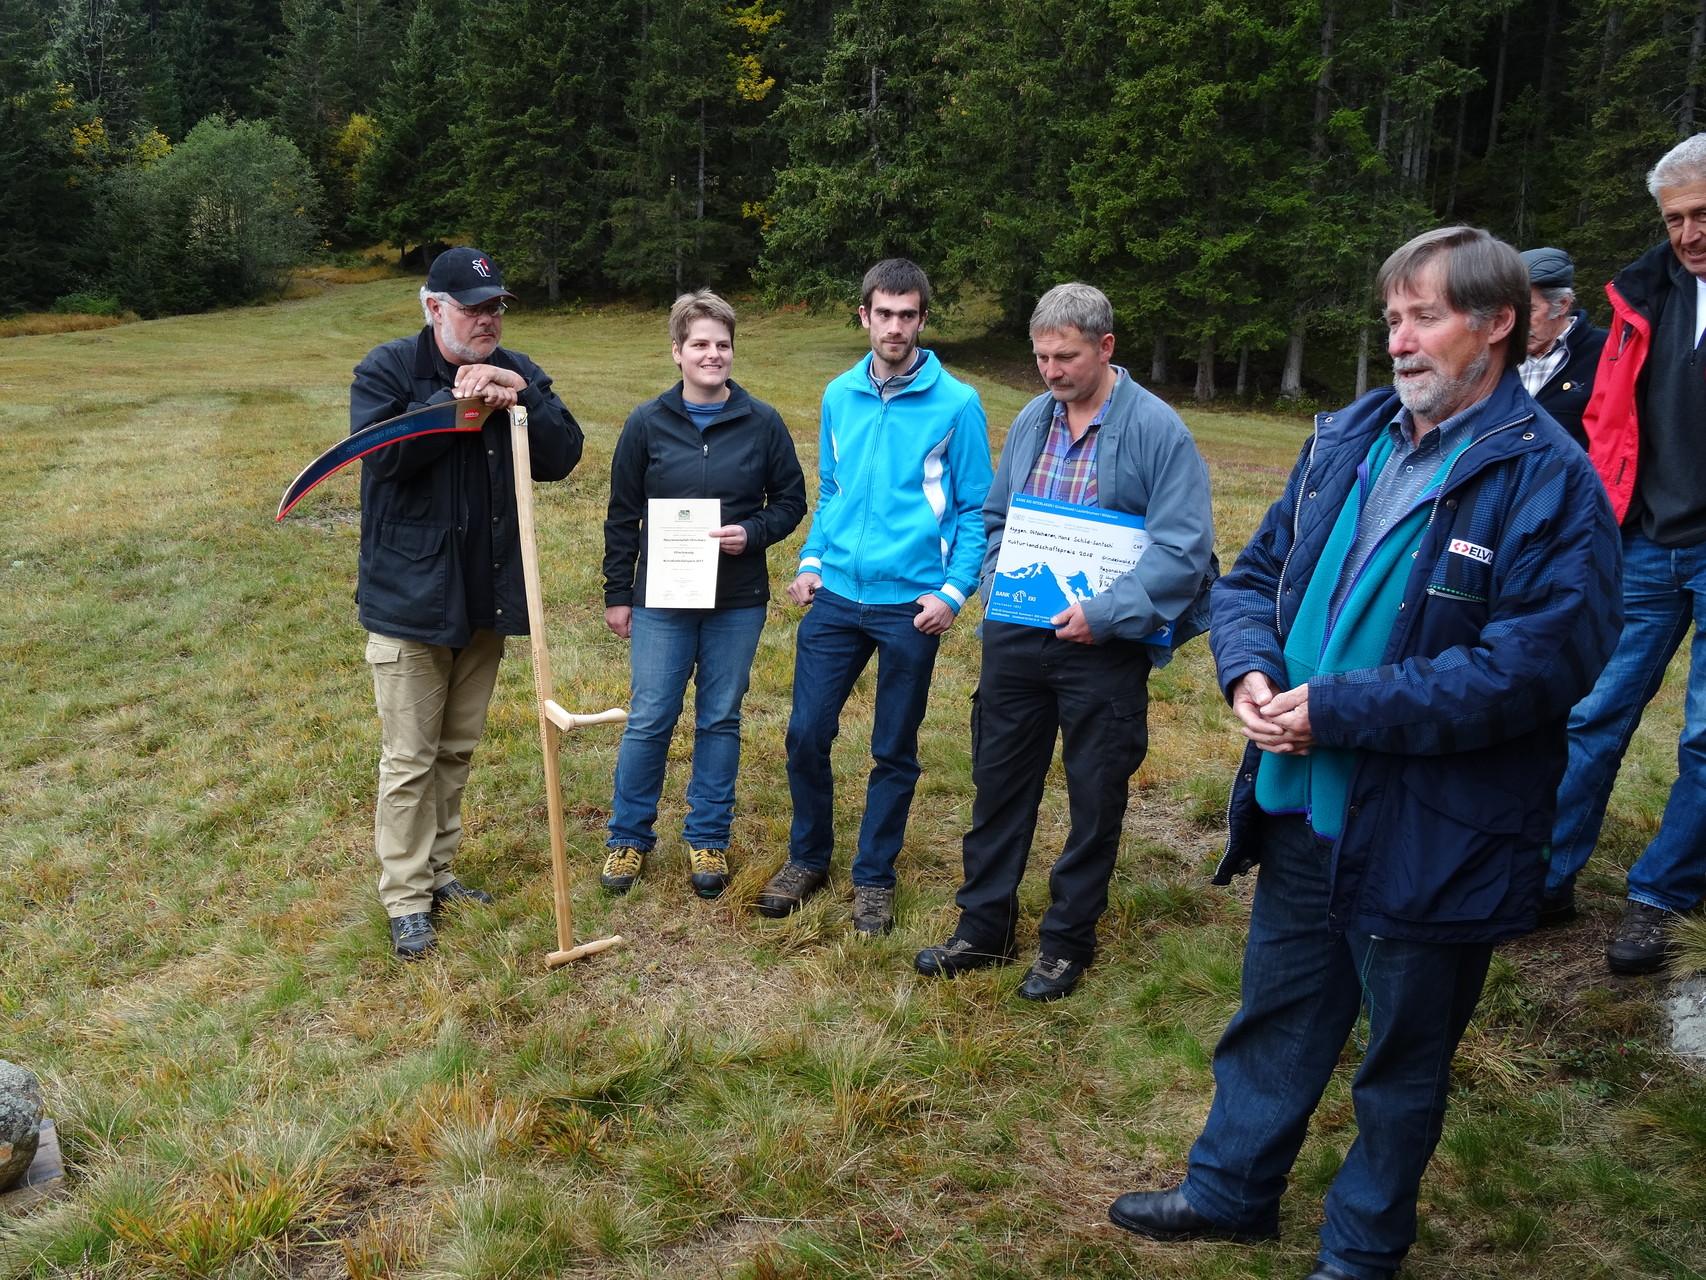 Peter Brawand, Präsident der Kommission Landschaft der Regionalkonferenz Oberland-Ost, dankt den Gewinnern für Ihr Engagement zugunsten der Landschaft.